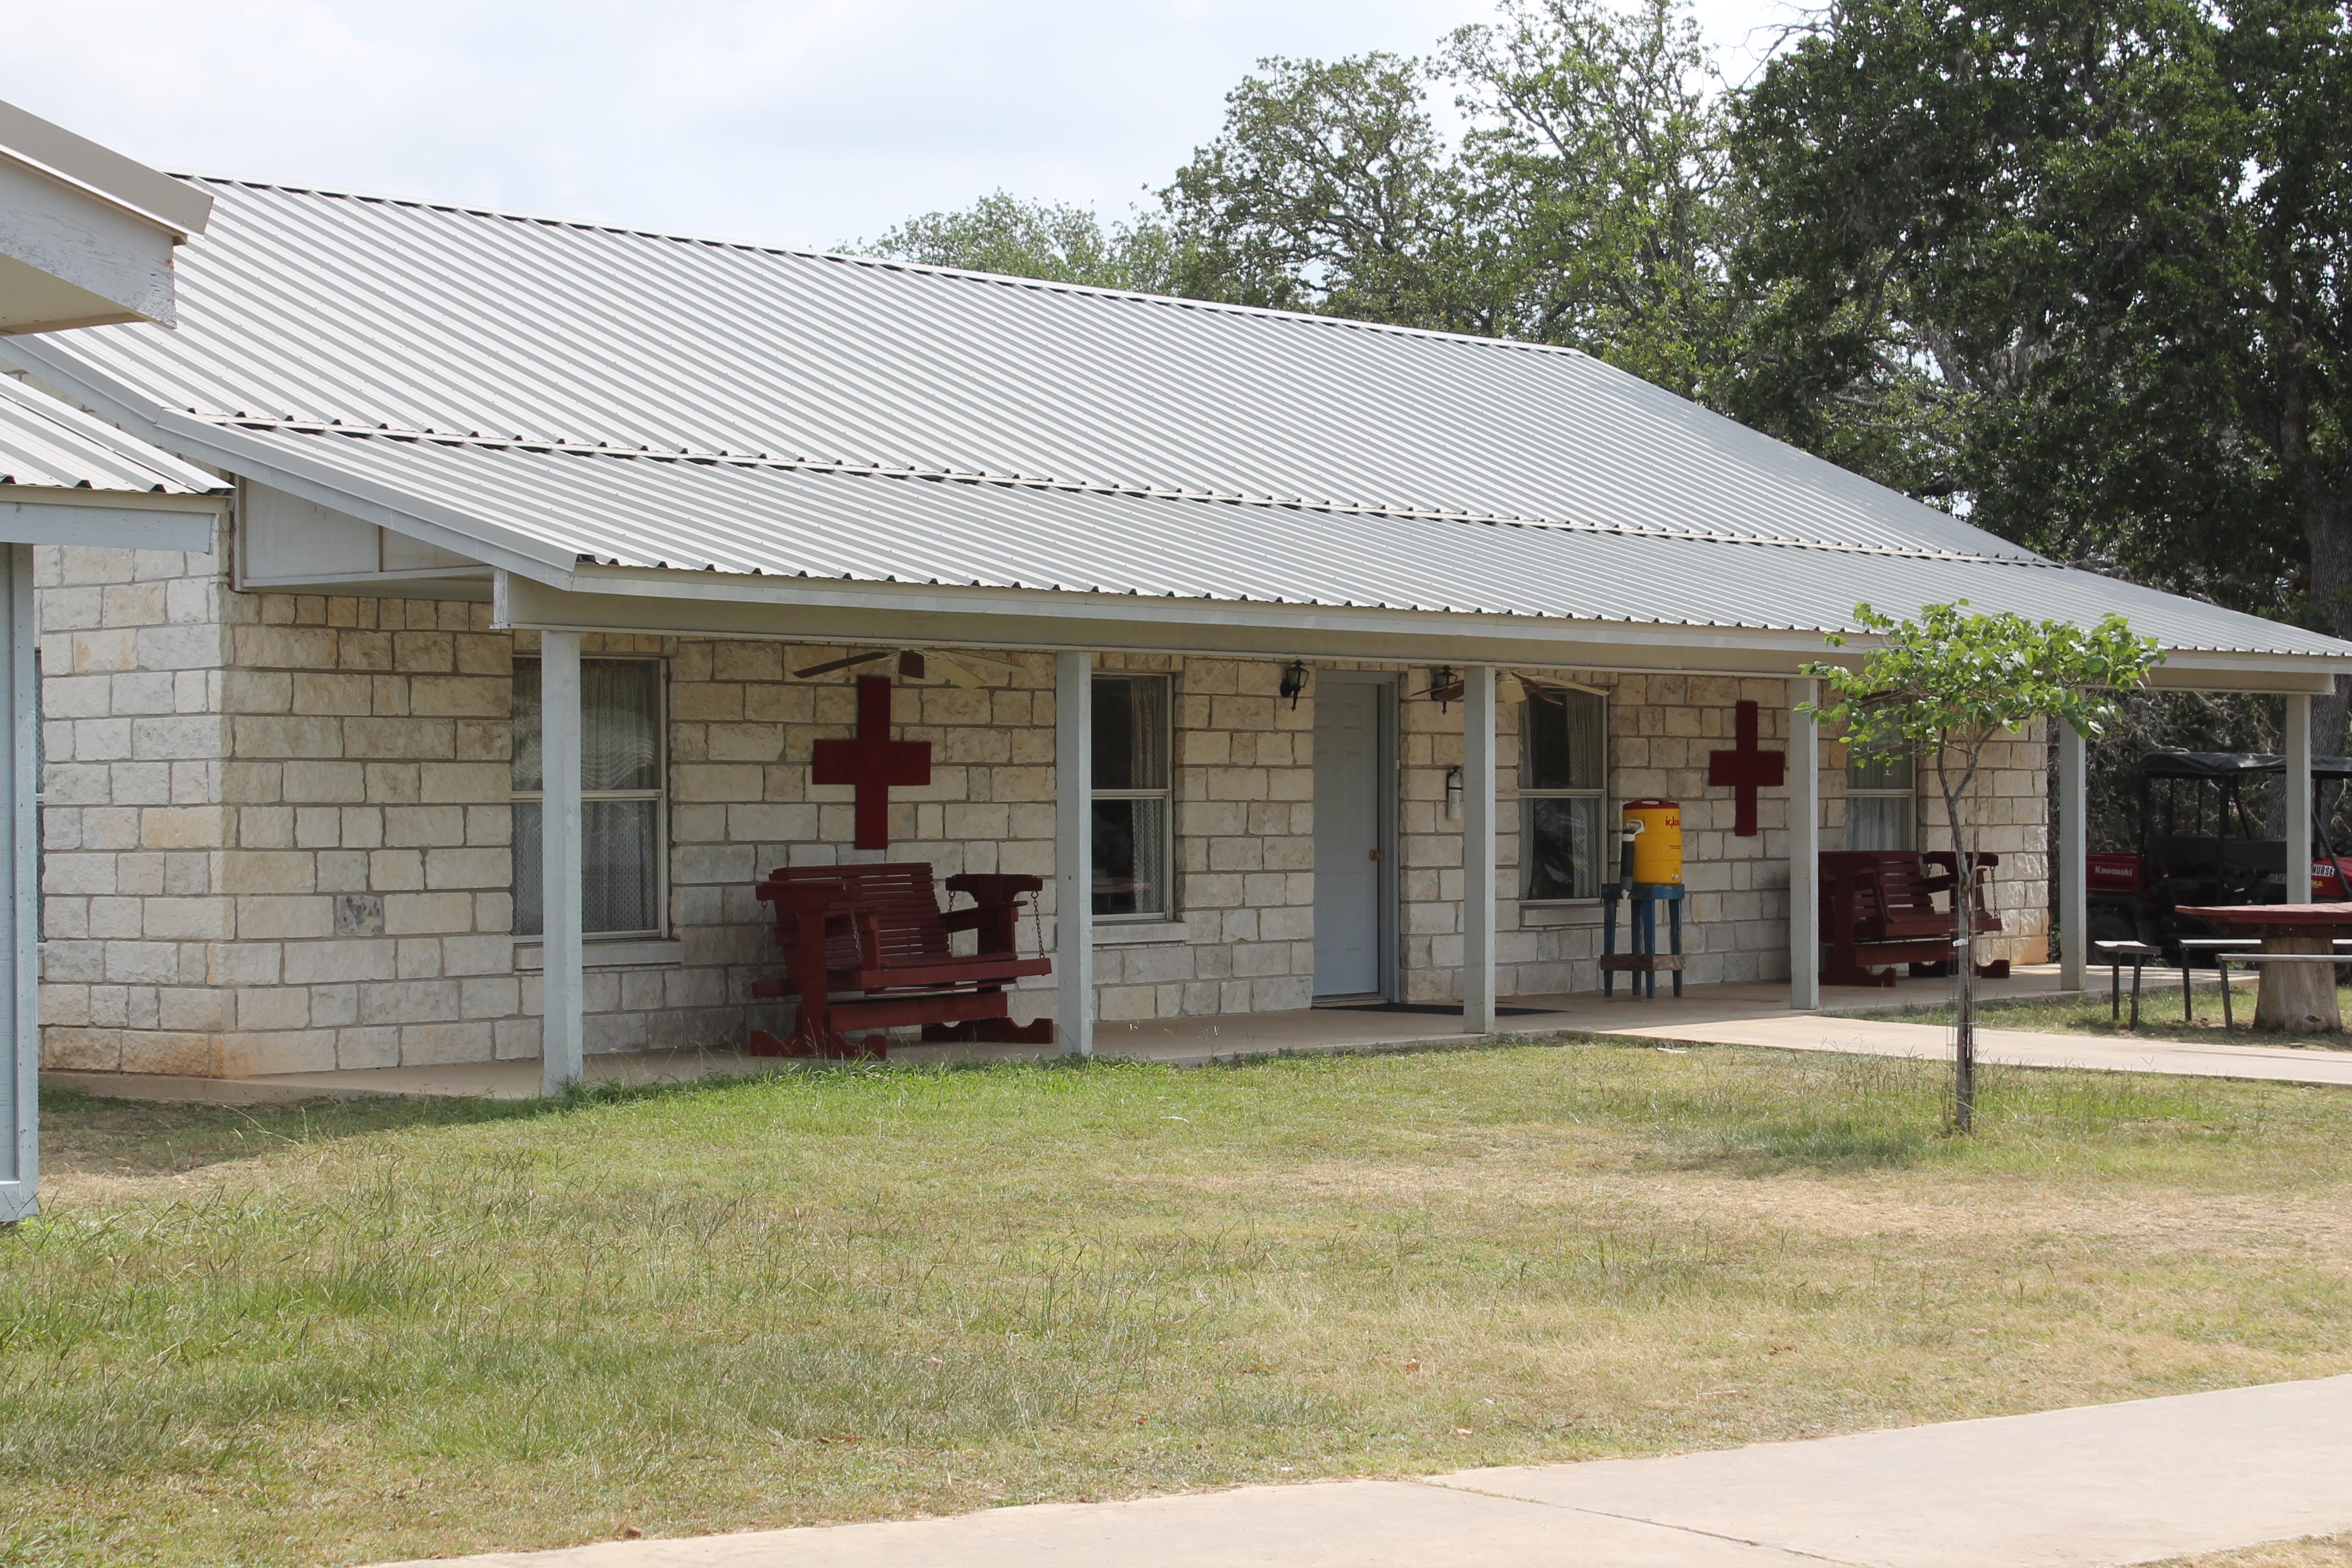 Nurse's Cabin